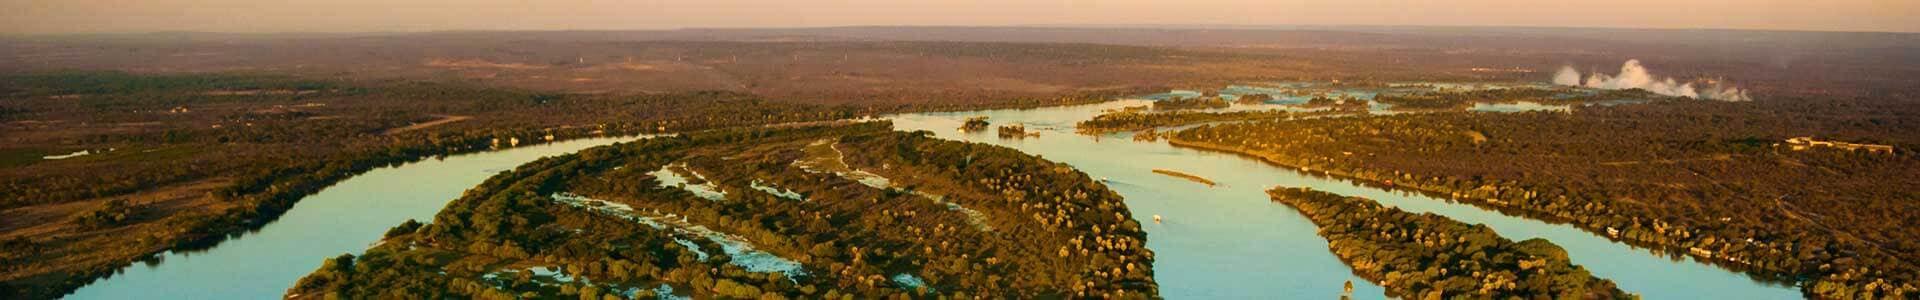 Voyage au Zimbabwe - TUI